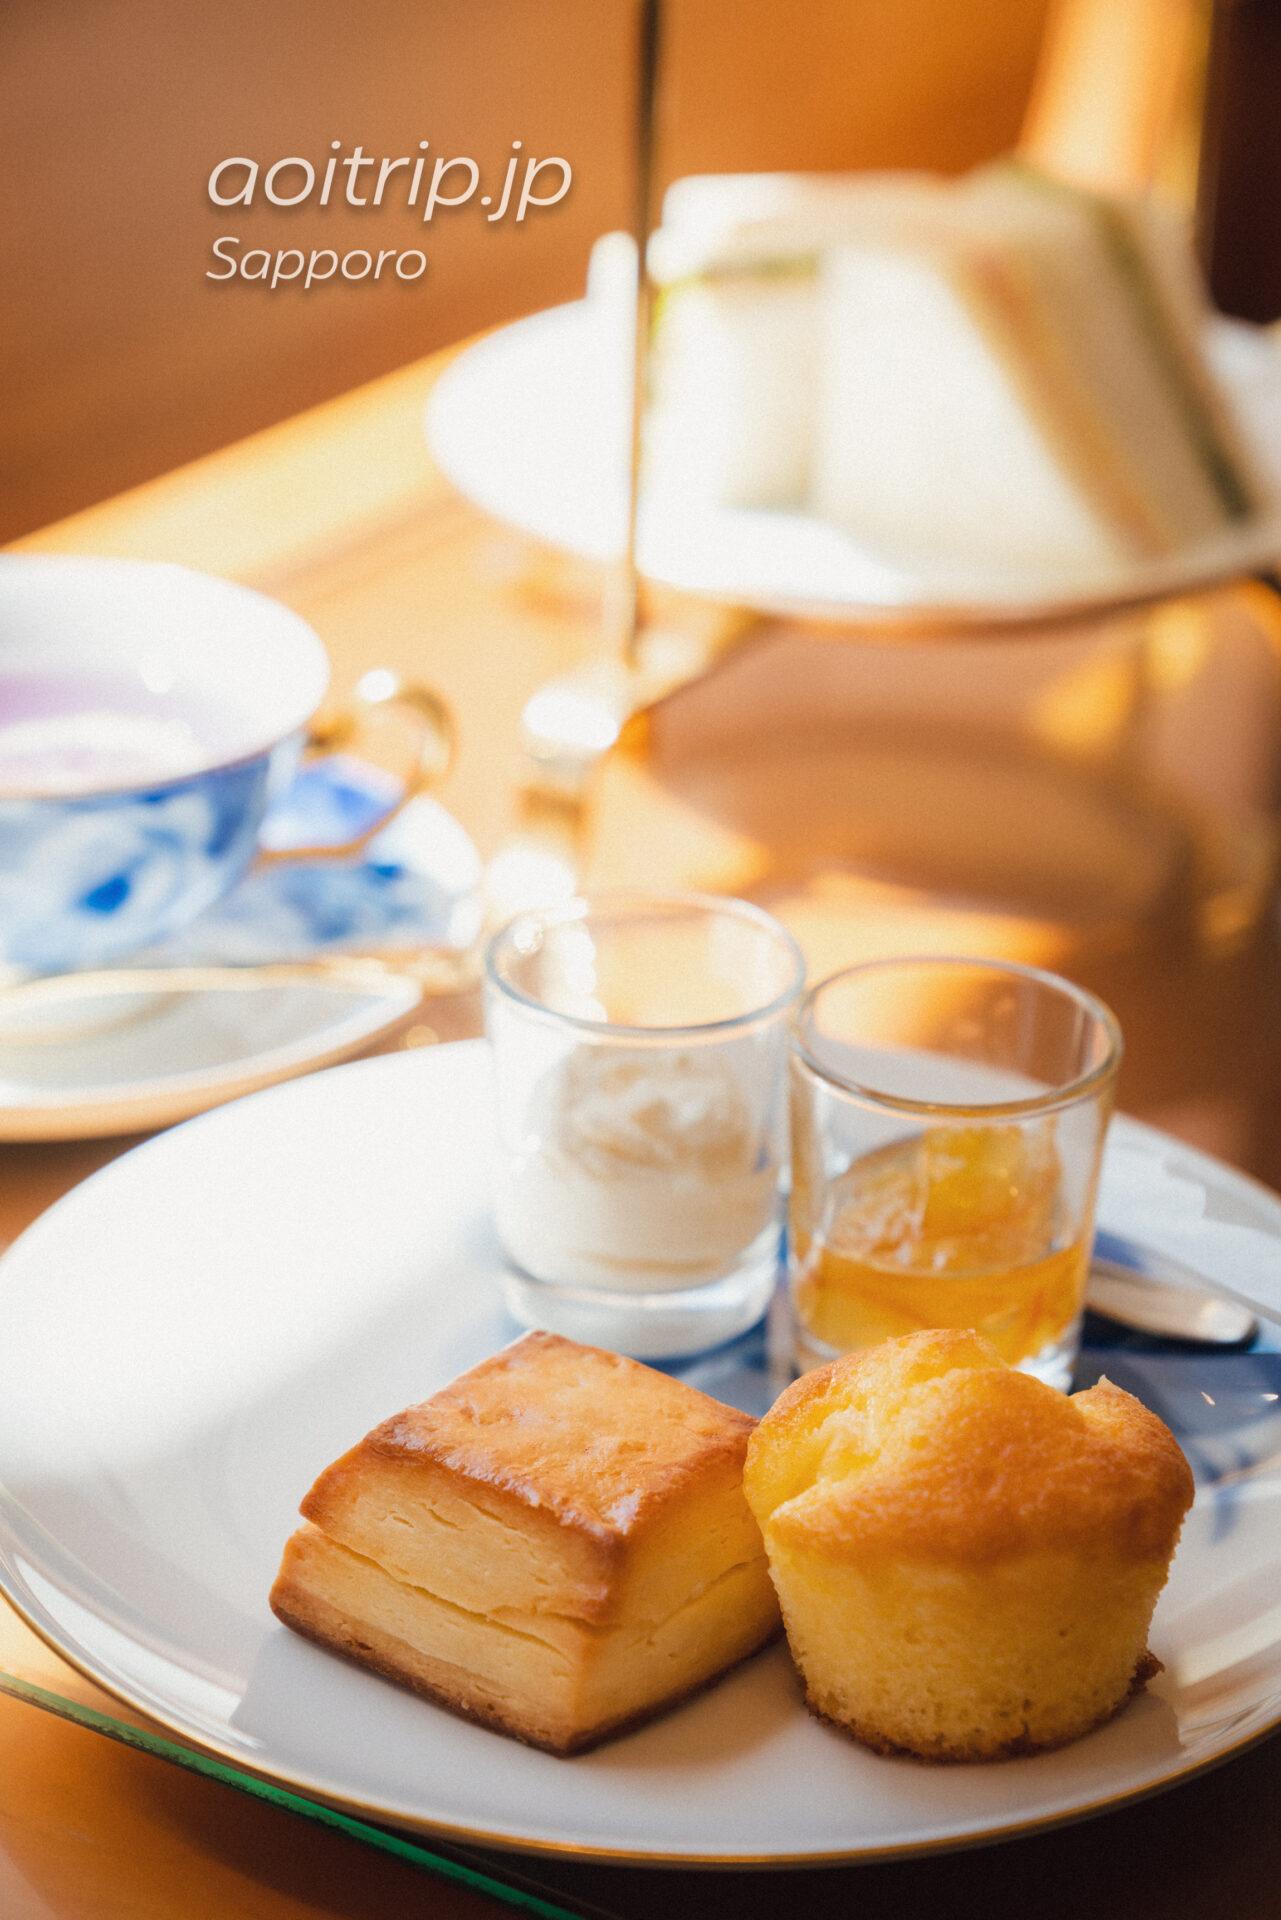 札幌グランドホテルのアフタヌーンティー、スコーン